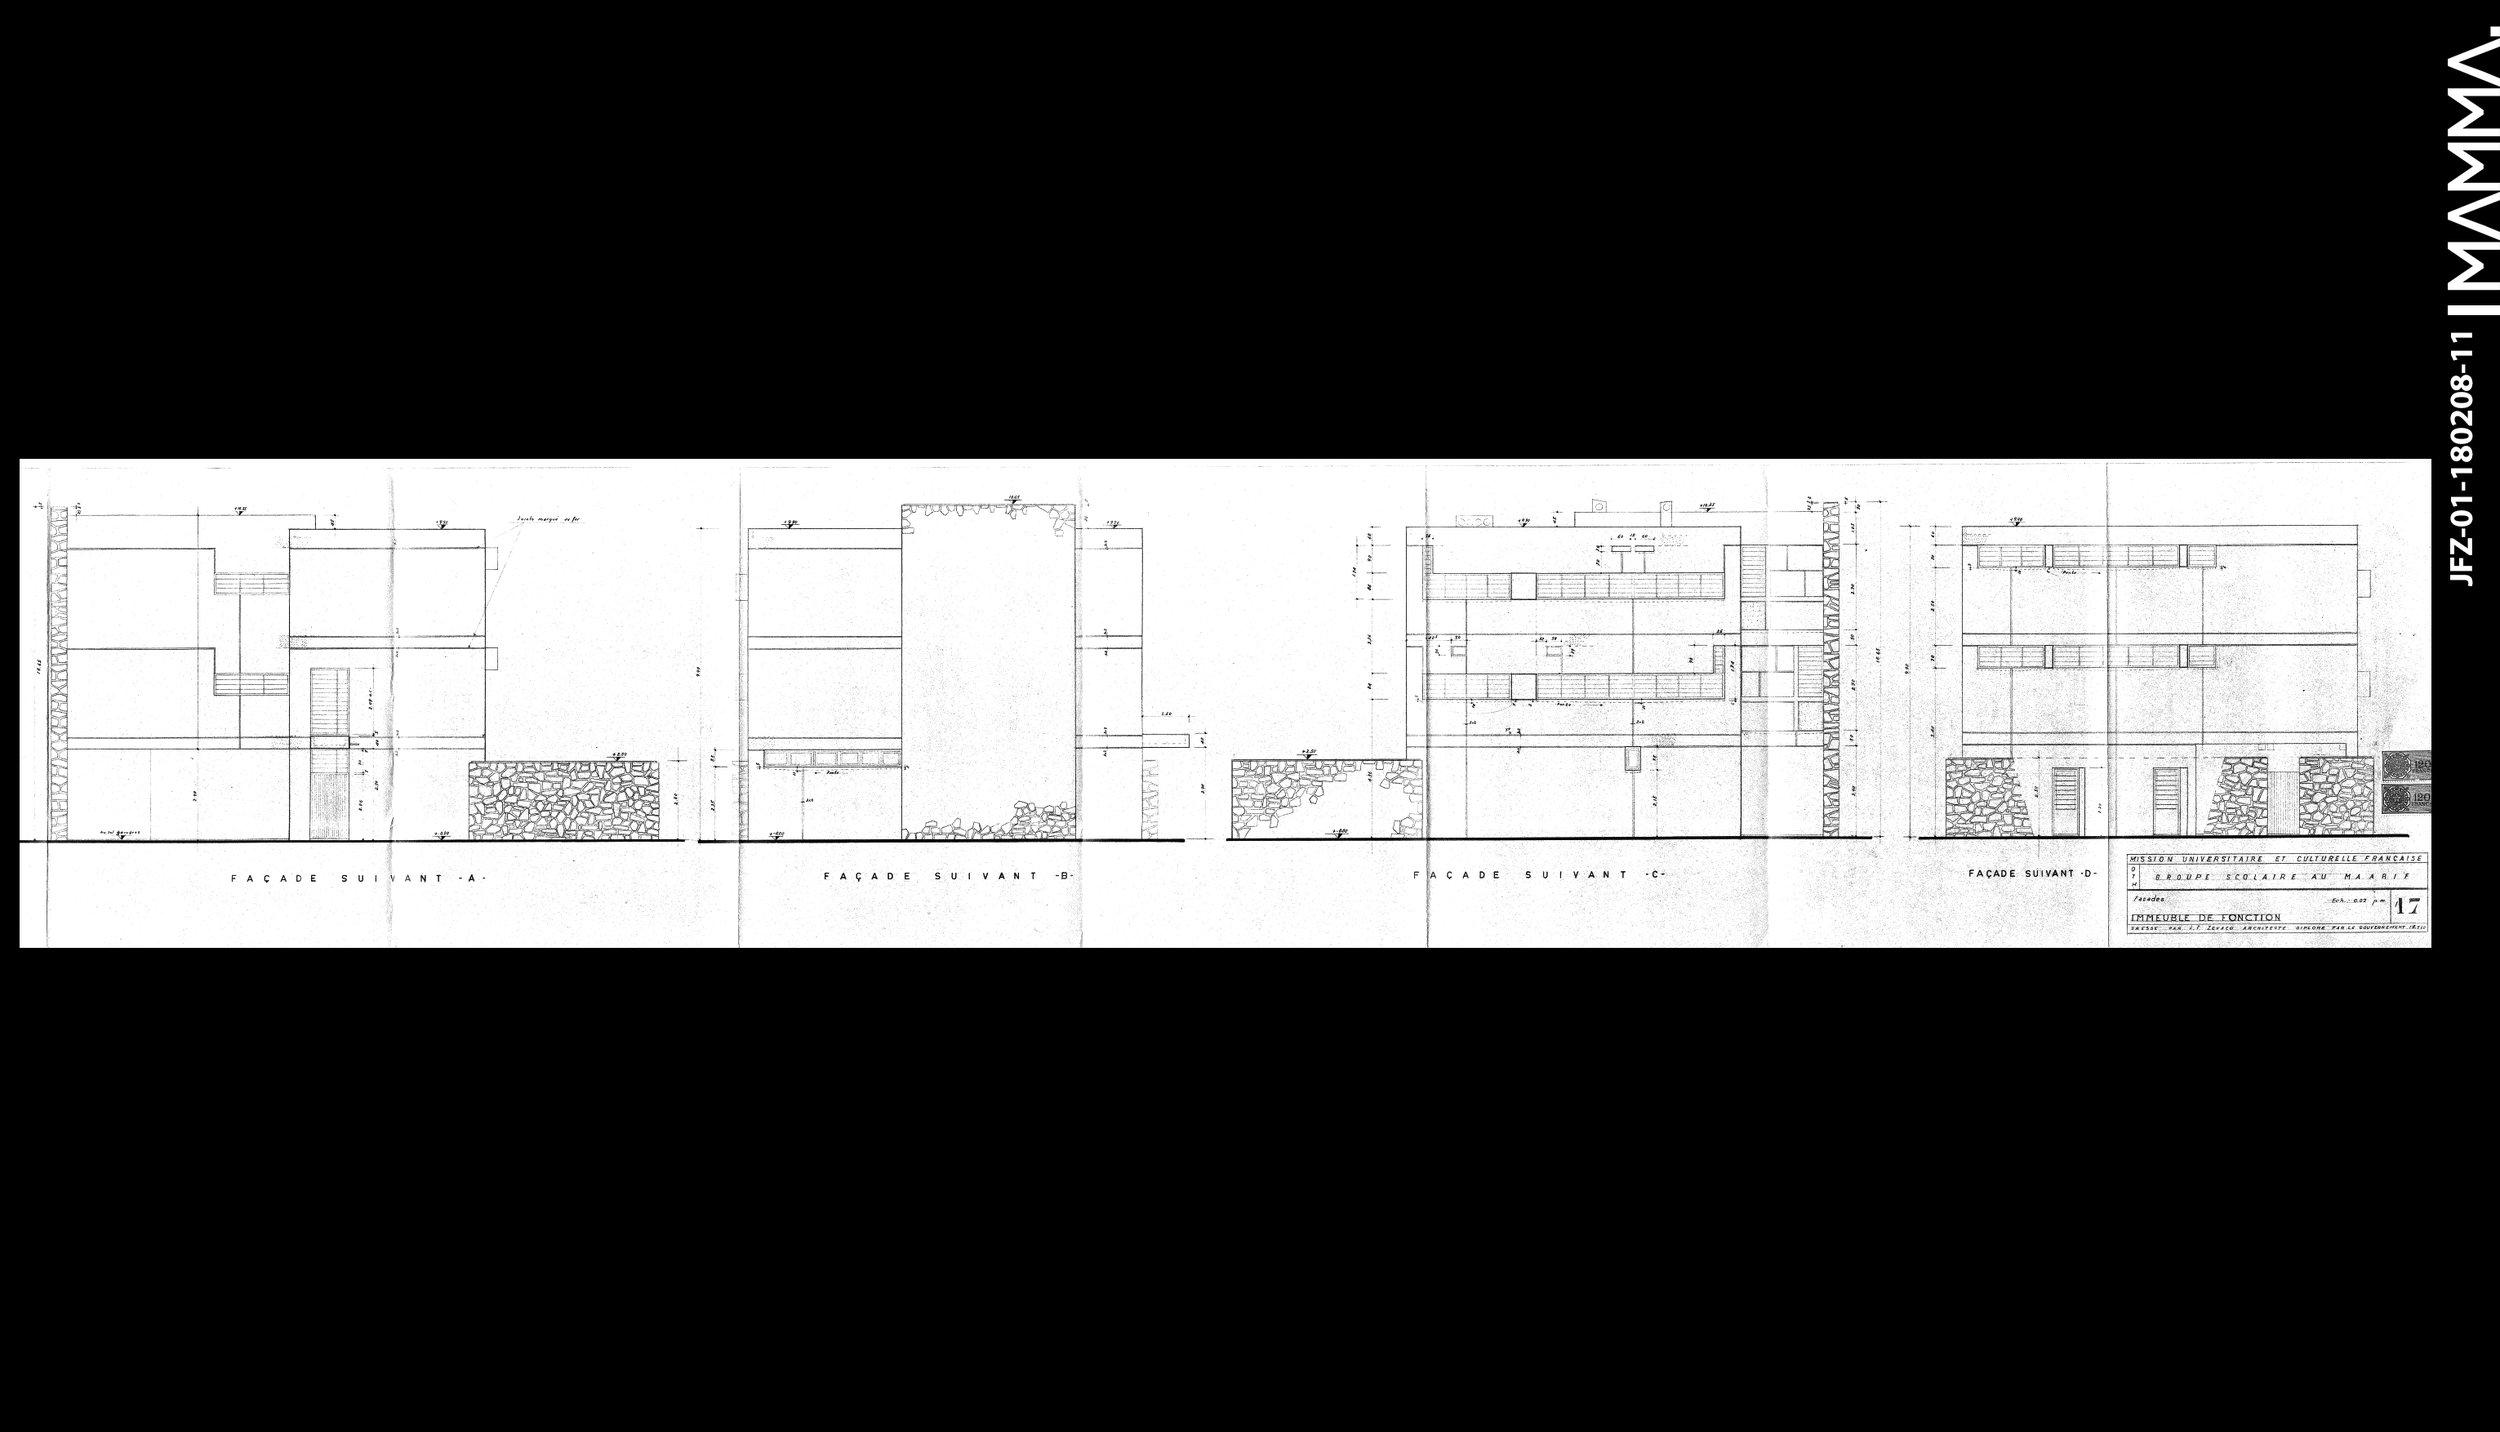 1960-Groupe Scolaire au Maarif (Ecole Théophile Gauthier)   Agence: Jean François Zevaco  Contenu: Façade Immeuble de fonction  Dimensions: 162,2 x 31,2 cm  © MAMMAARCHIVE   Réf: MAMMA- JFZ-01-180208-11